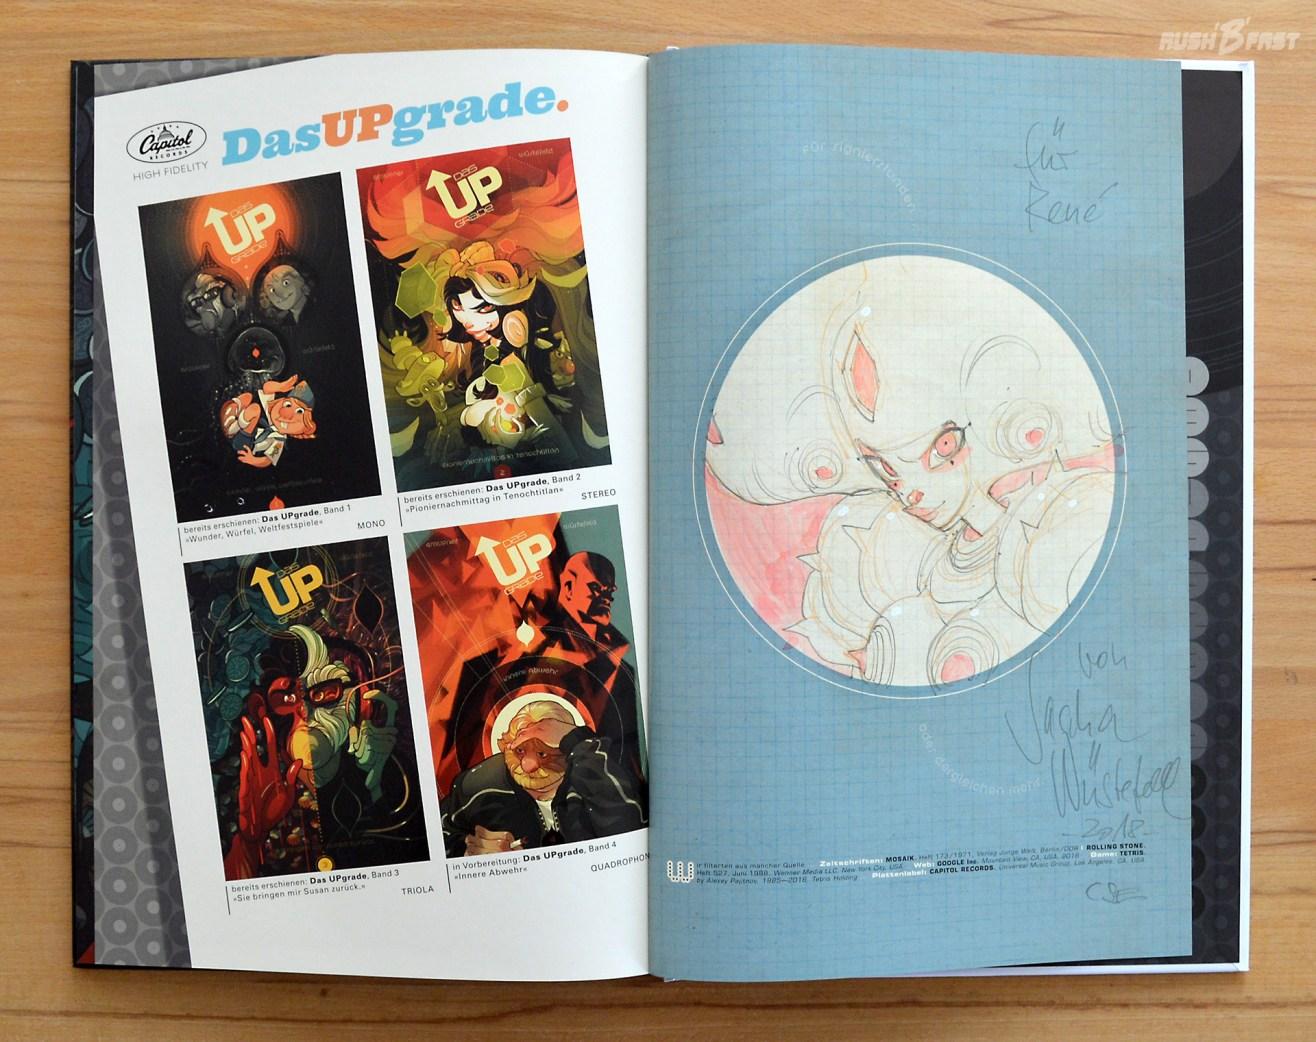 Comic Das Upgrade, Charakter Frau Bellmann, gezeichnet und signiert von Sascha Wüstefeld